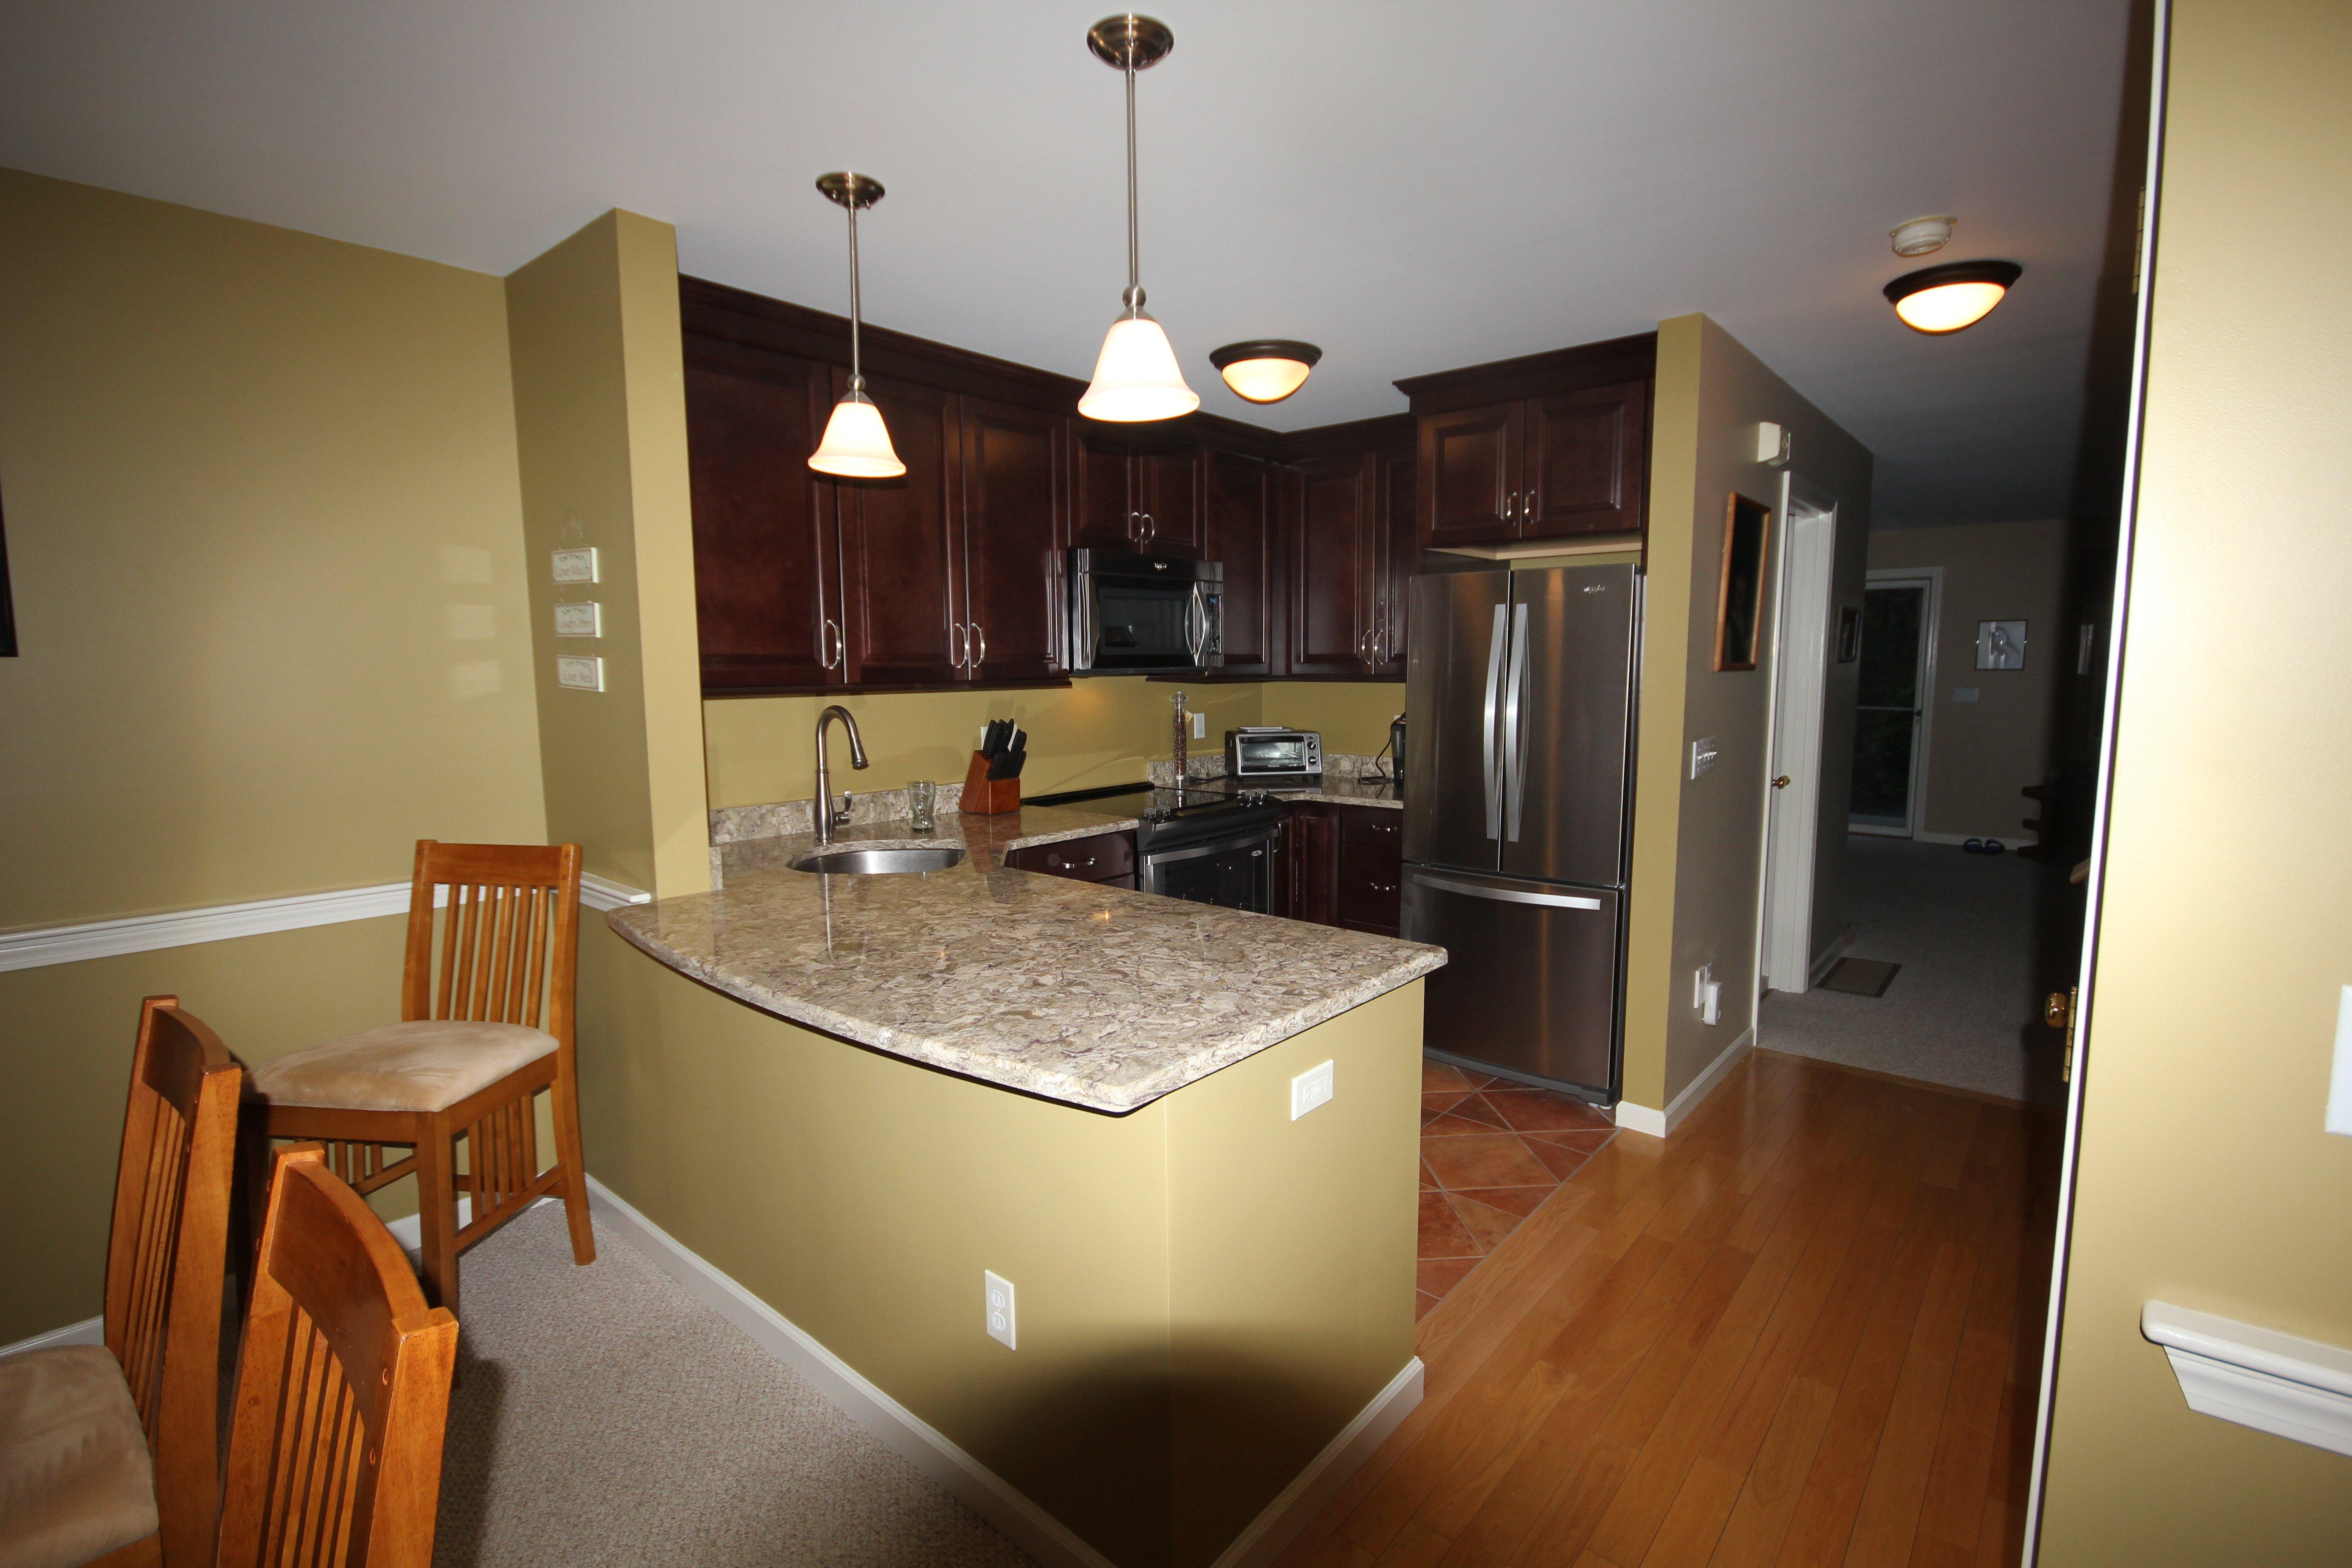 Cumberland Kitchen & Bath Design Center - Portfolio